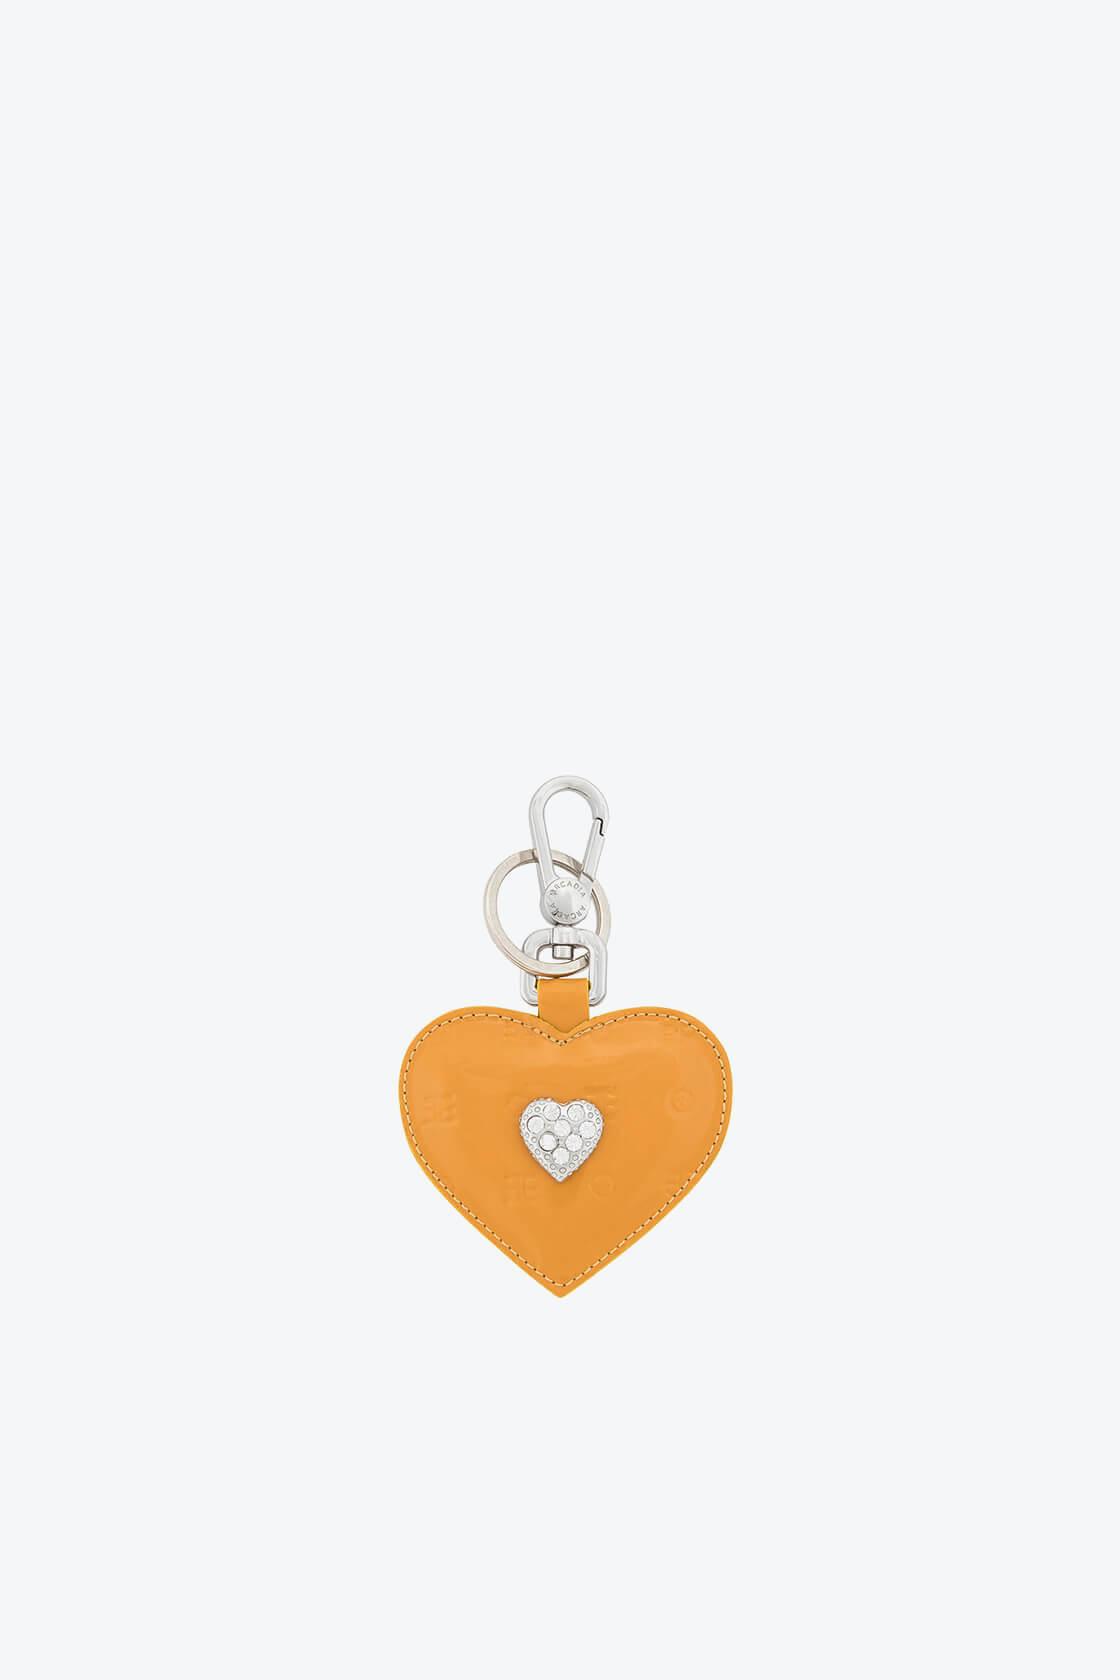 ol80000336 keyring heart swarovski stones 1